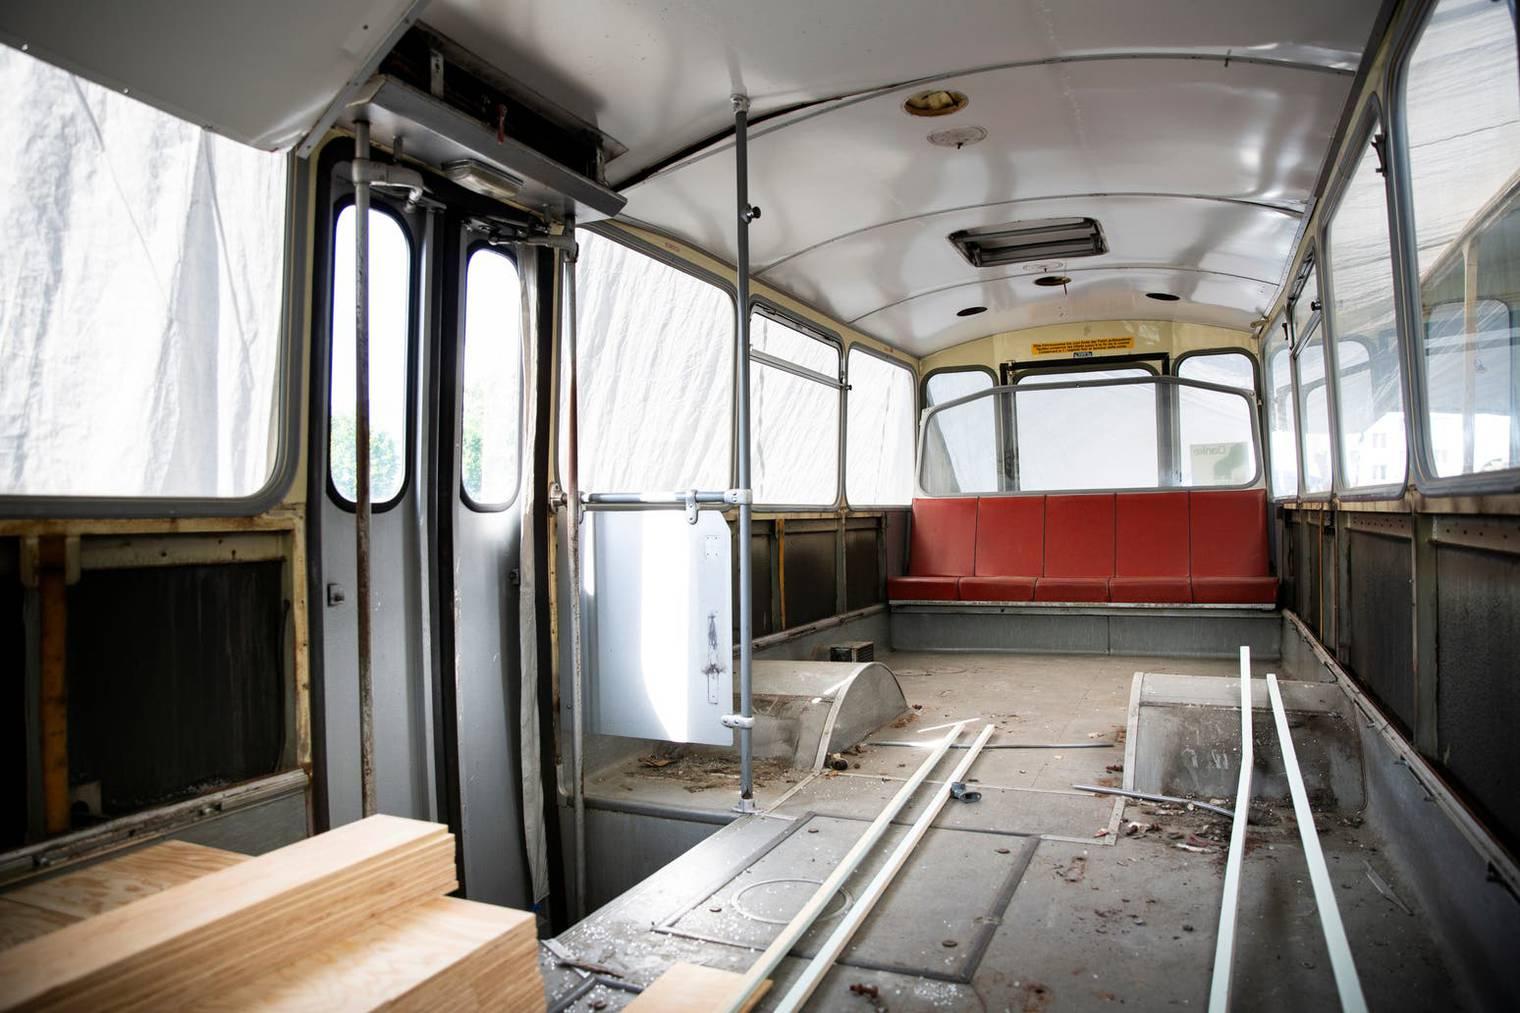 Die Sitze sind raus, jetzt hat es Platz für eine Bar.